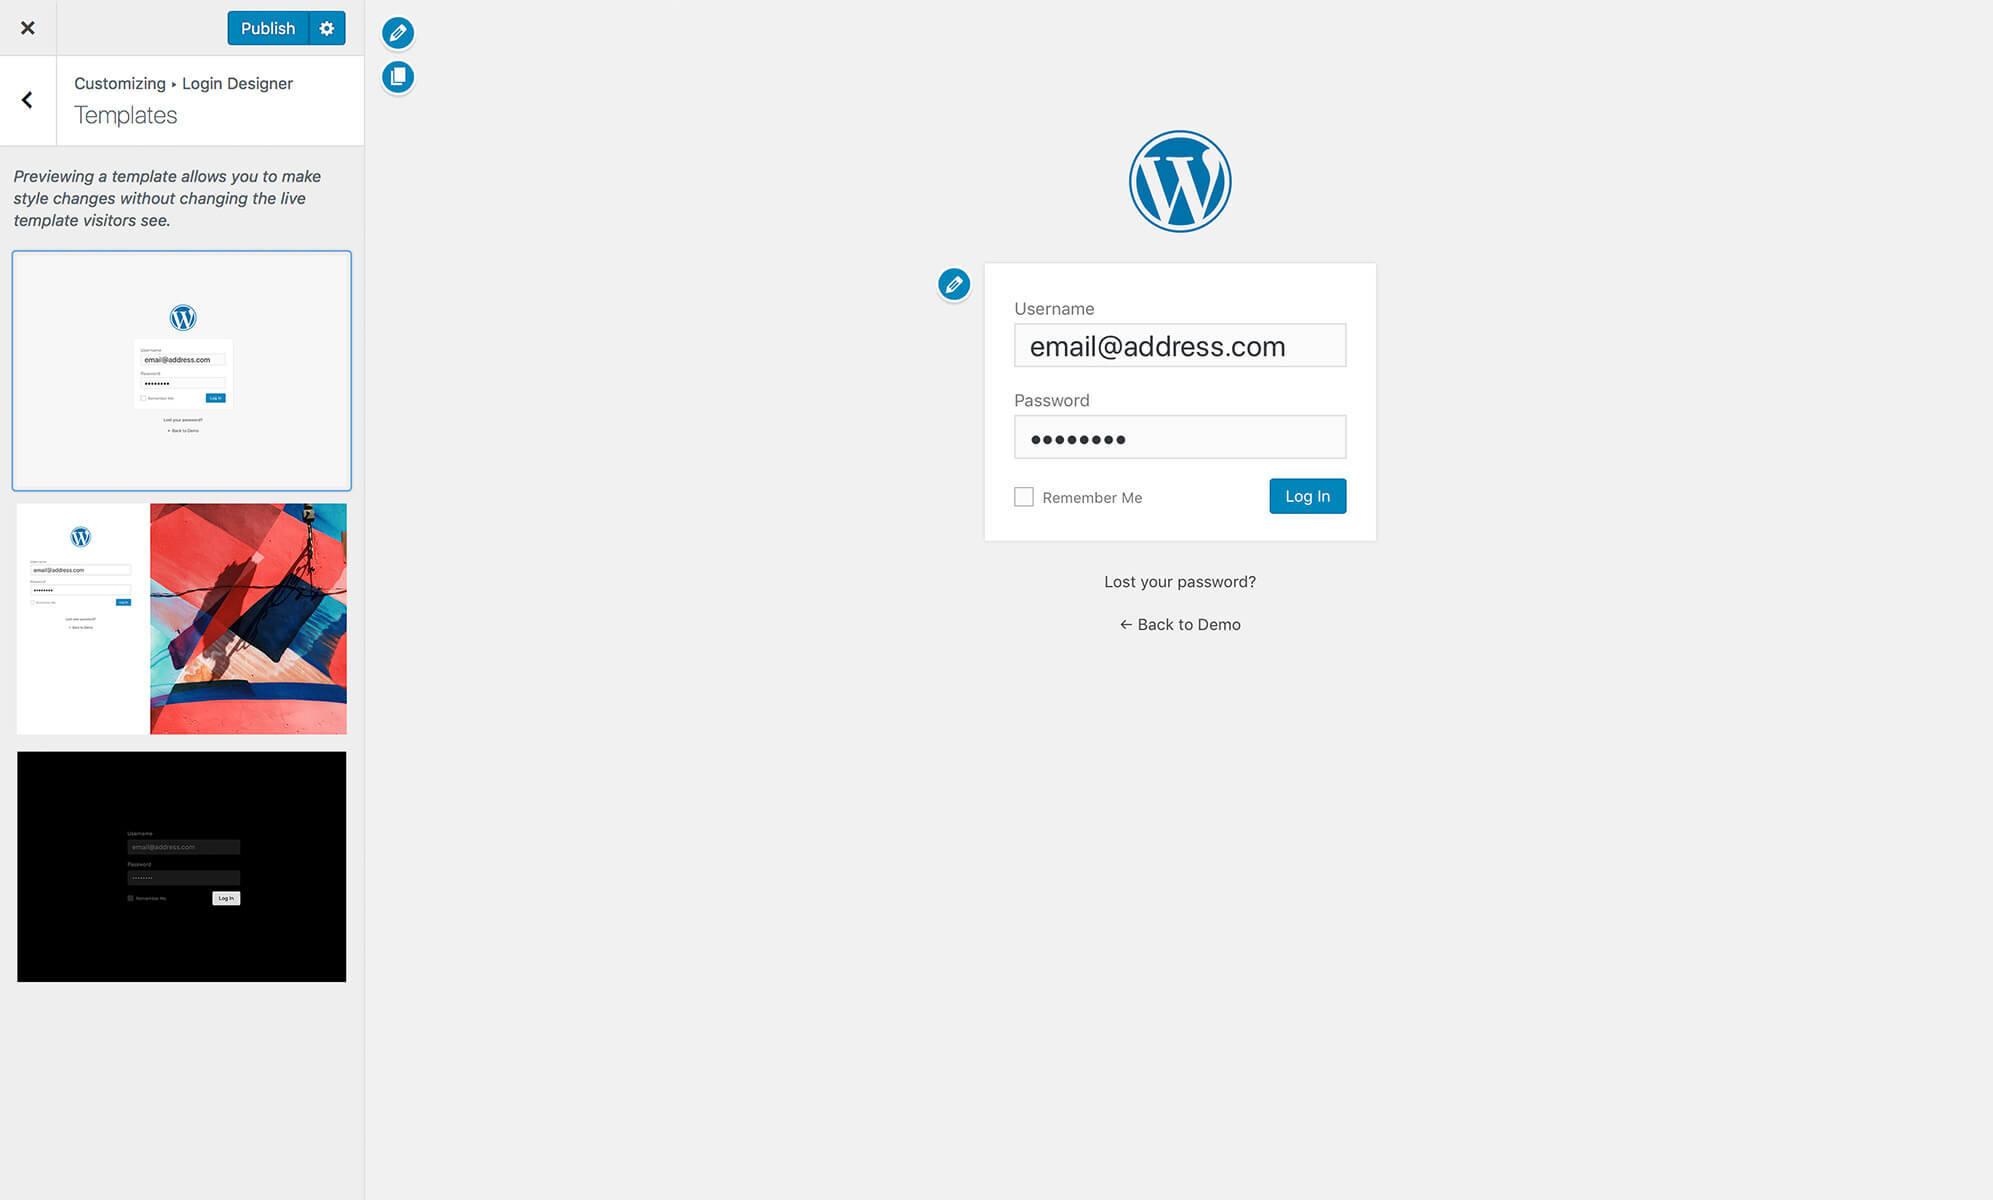 几秒制作最简单时尚的登录注册页面wordpress插件Login Designer